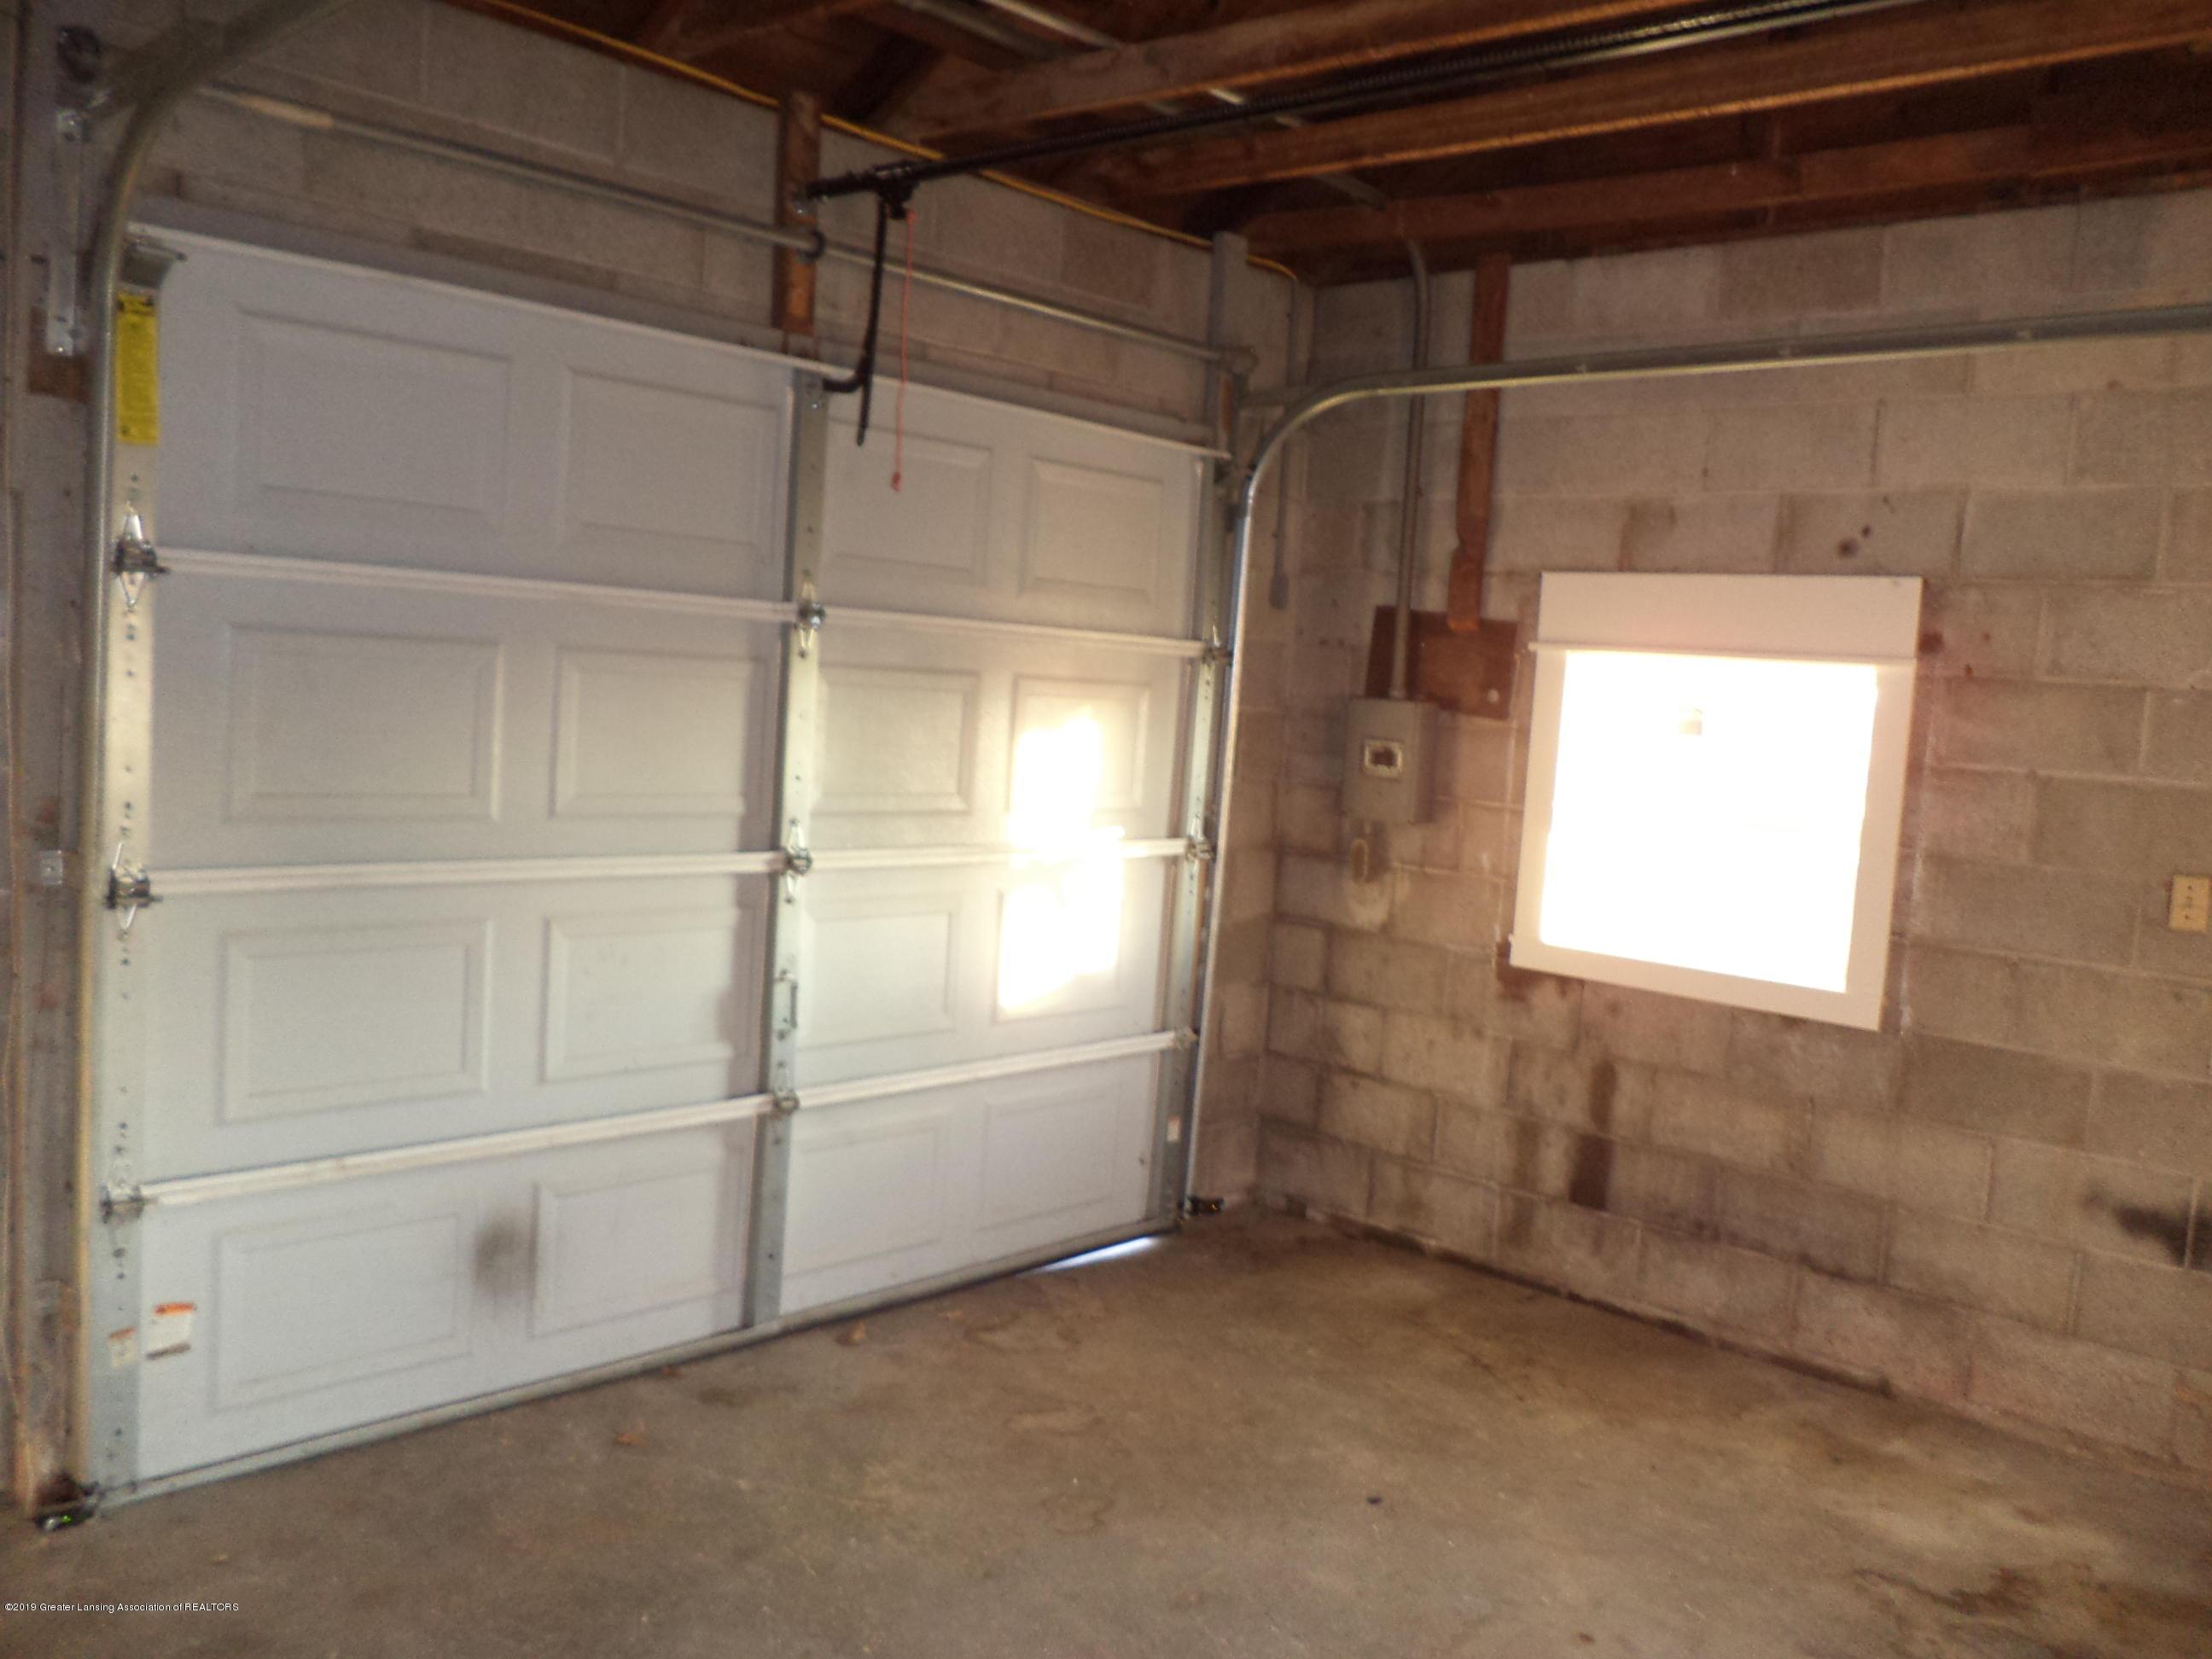 3200 S Dewitt Rd - Garage interior - 33